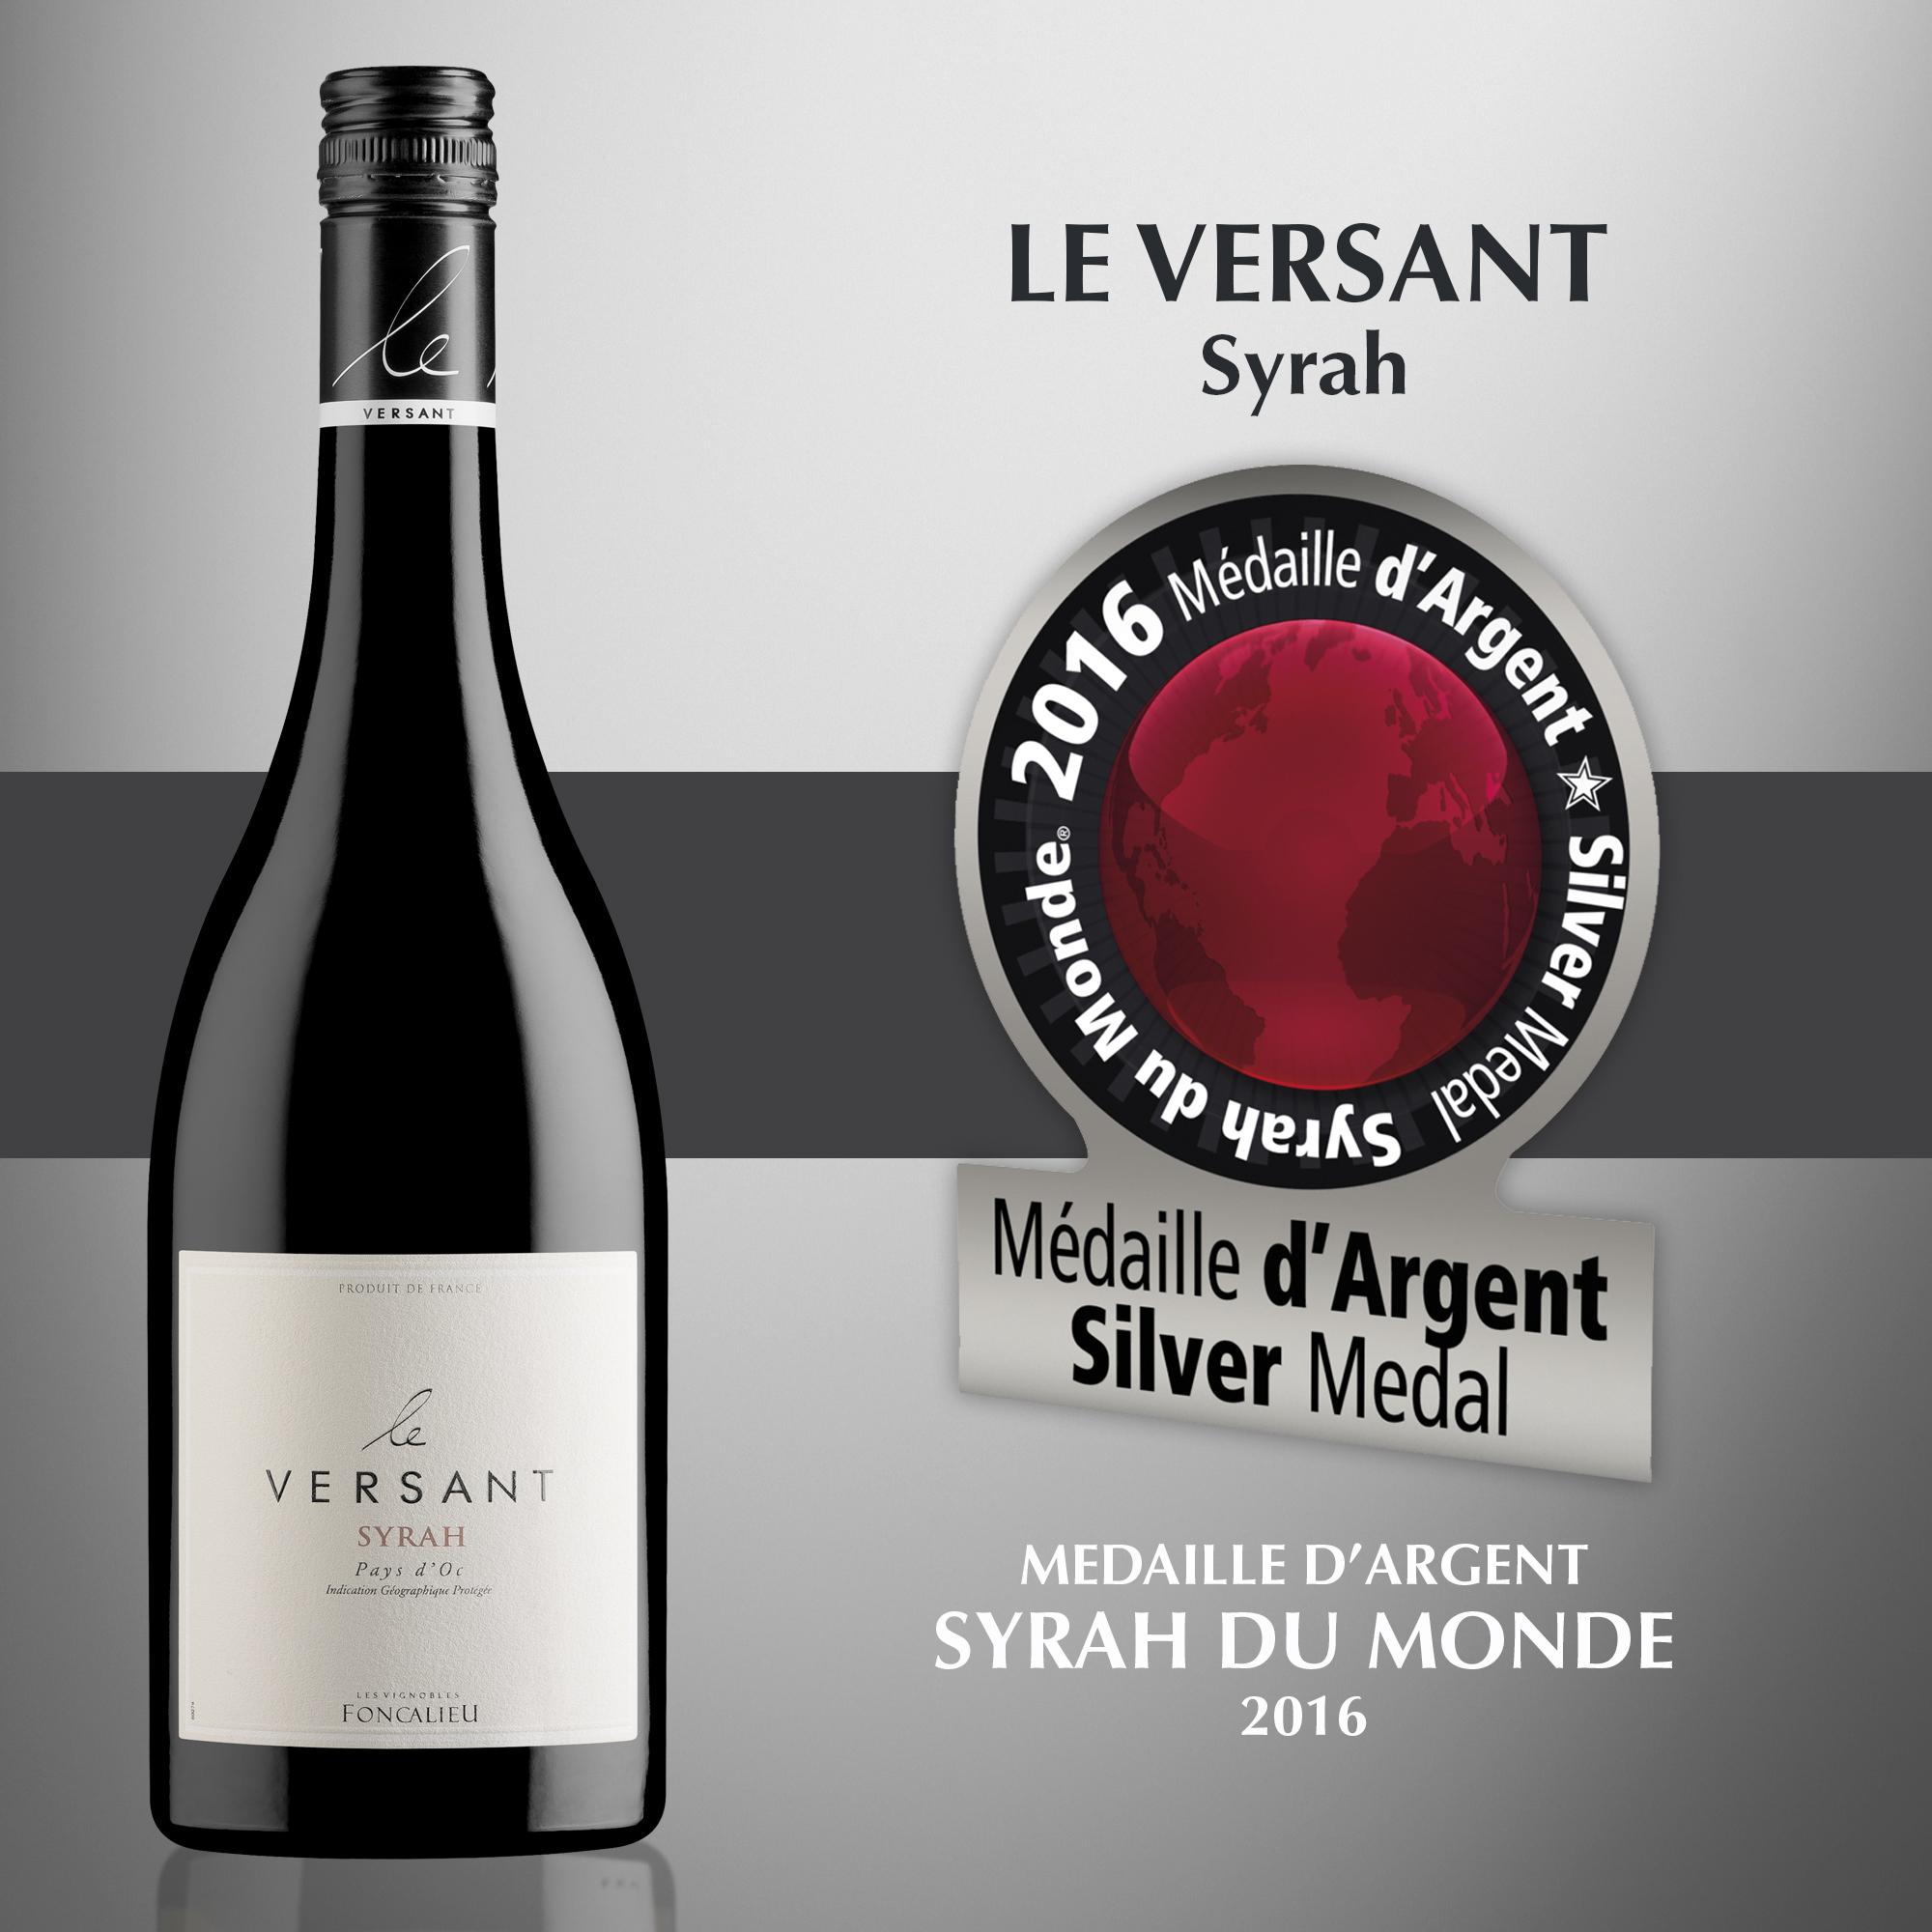 Le Versant Syrah - IGP Pays d'Oc